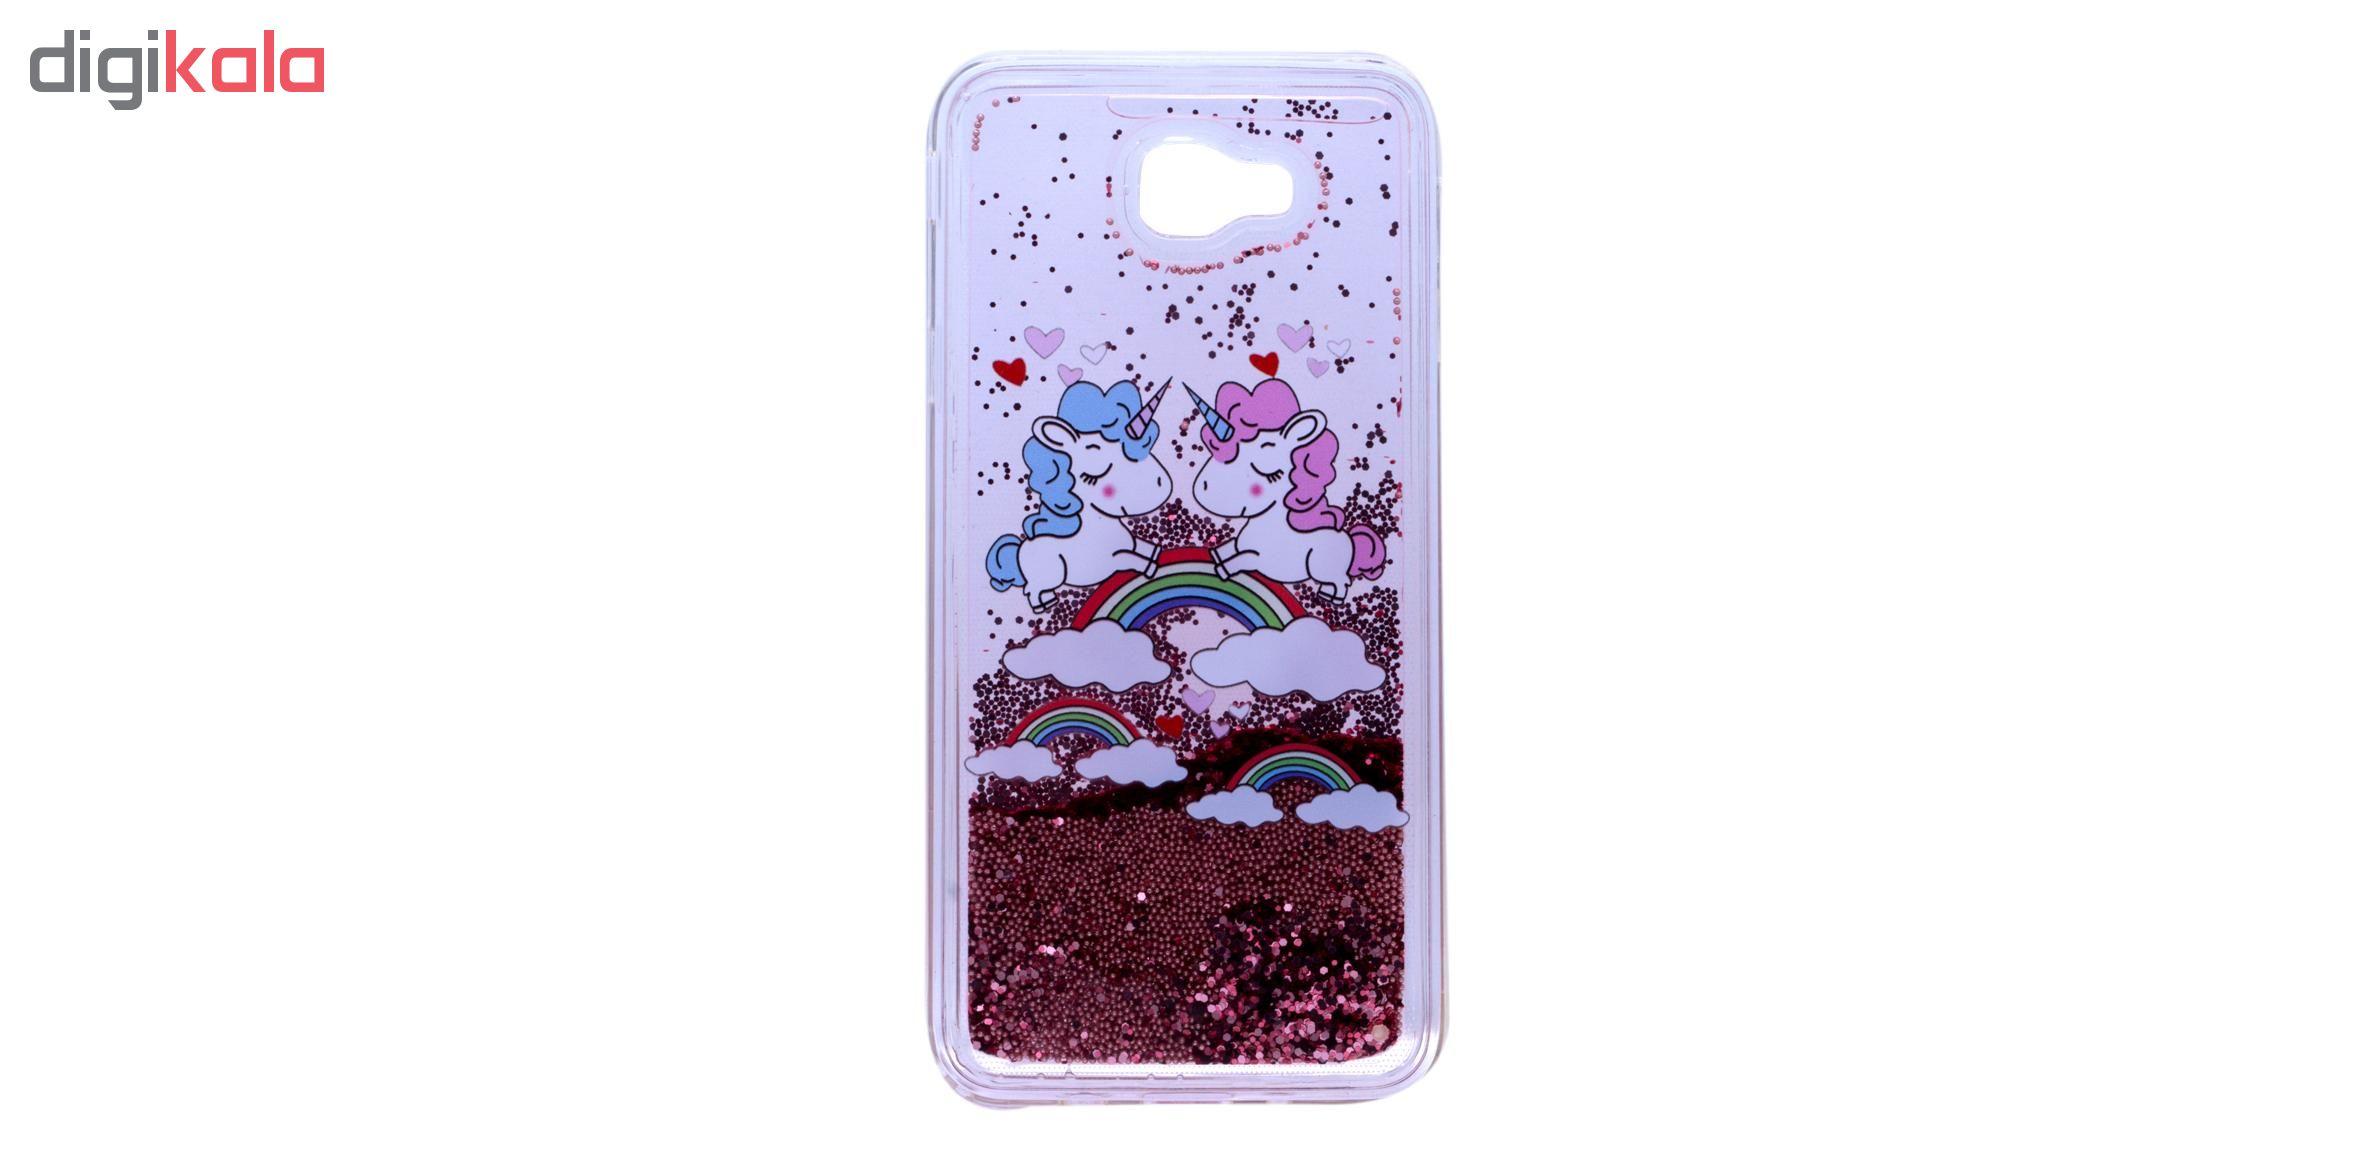 کاور مدل آکواریومی طرح هارت فلر مناسب برای گوشی موبایل سامسونگ Galaxy J7 Prime thumb 2 1